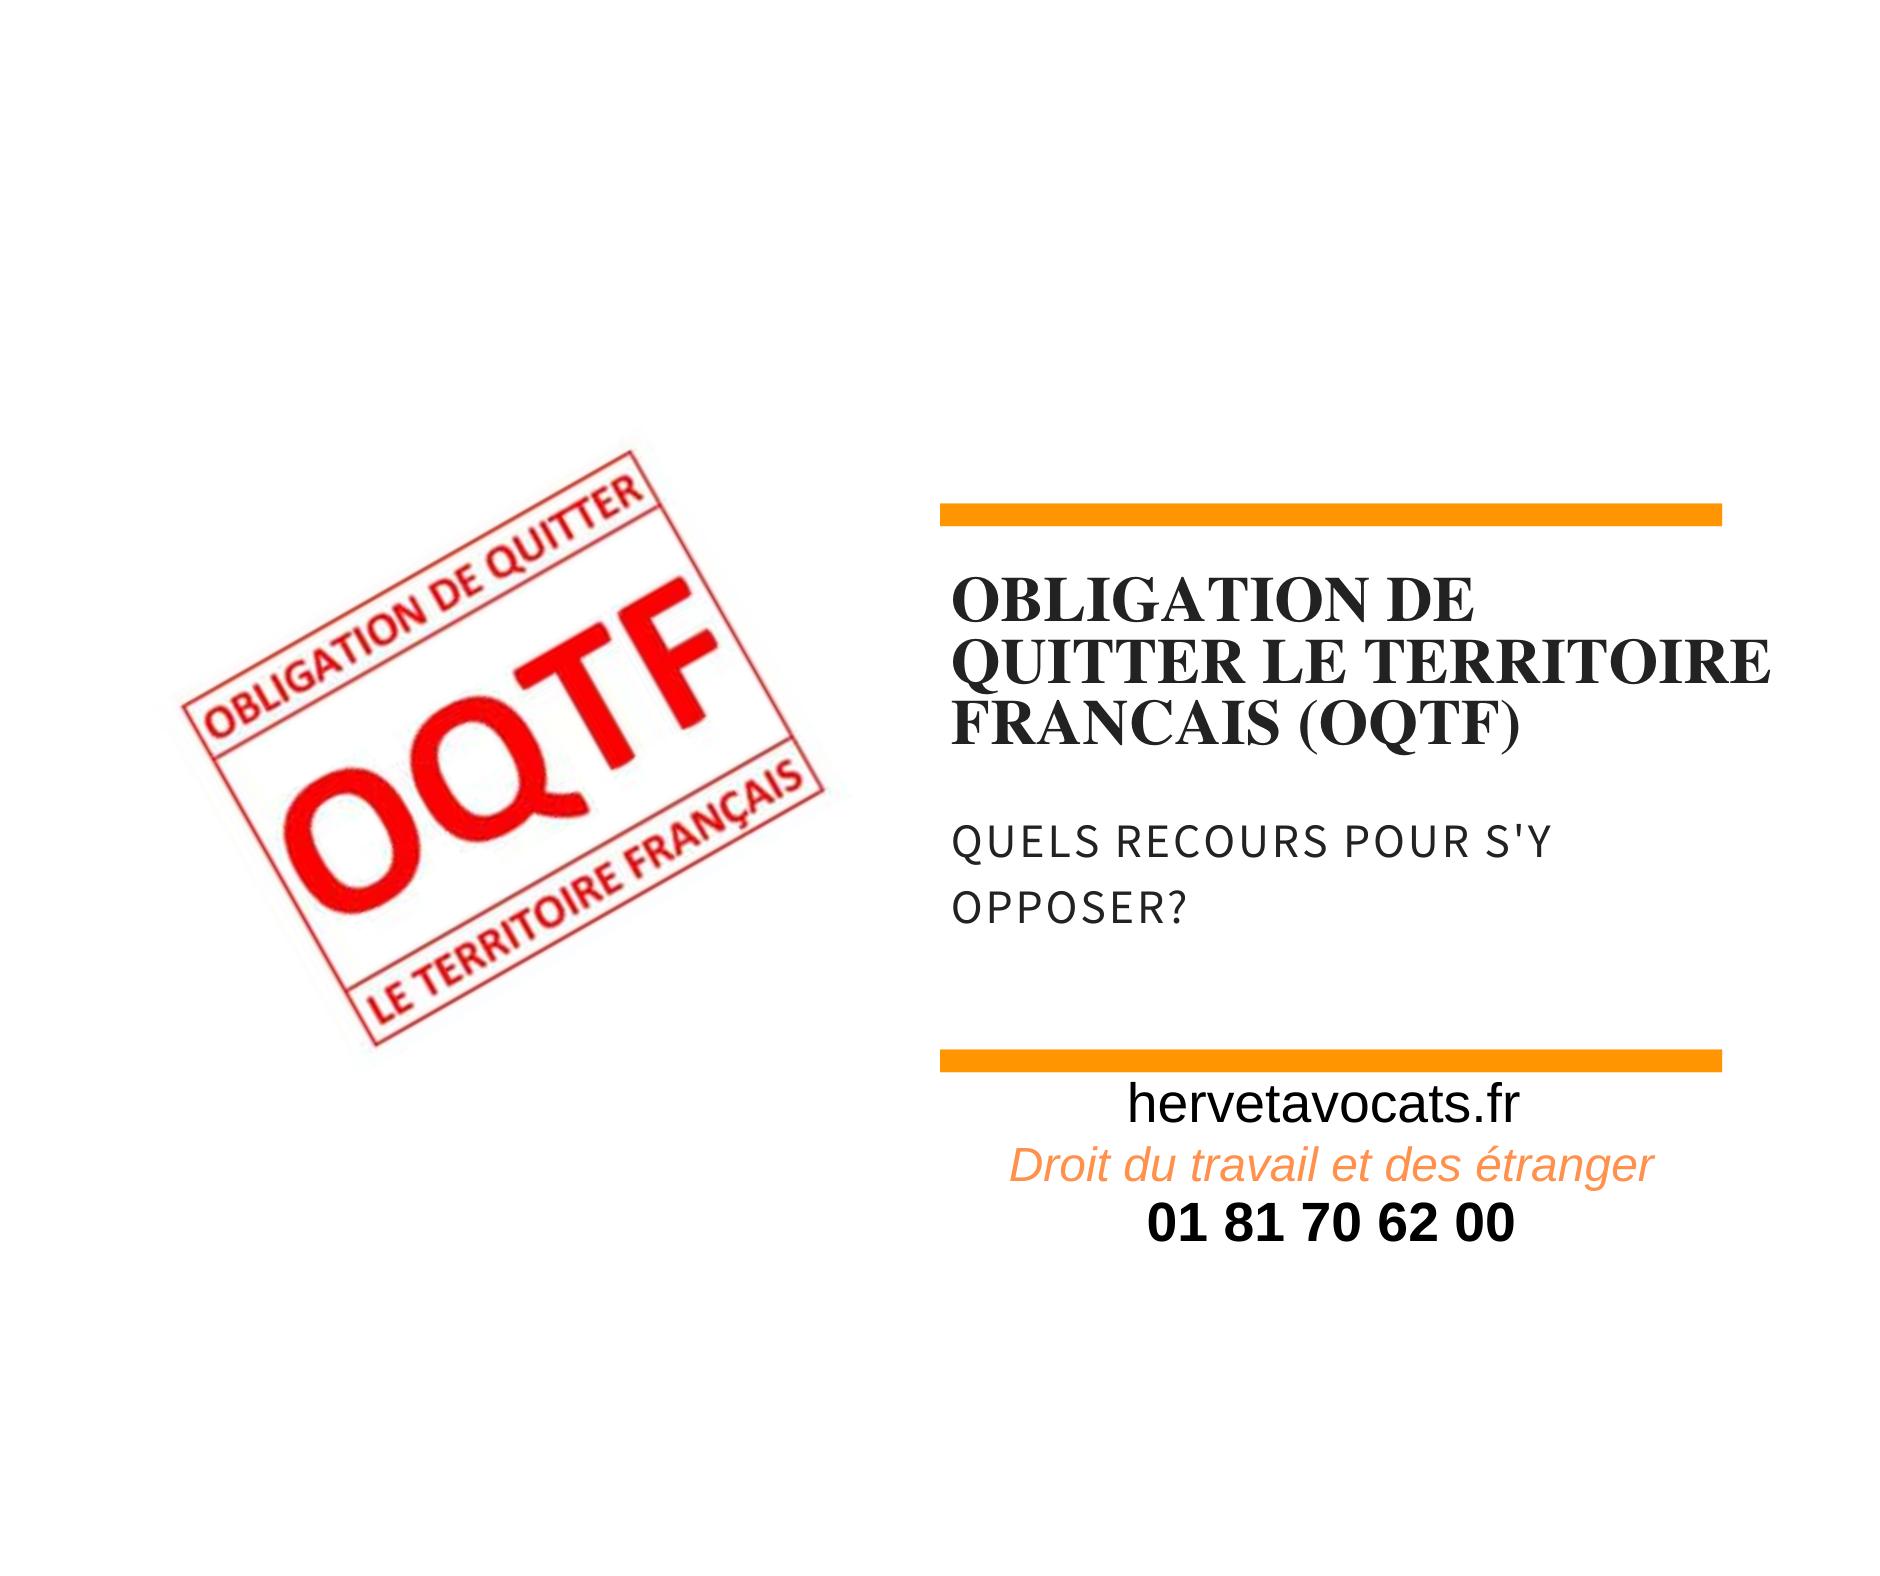 Face à une obligation de quitter le territoire français : quels recours ?